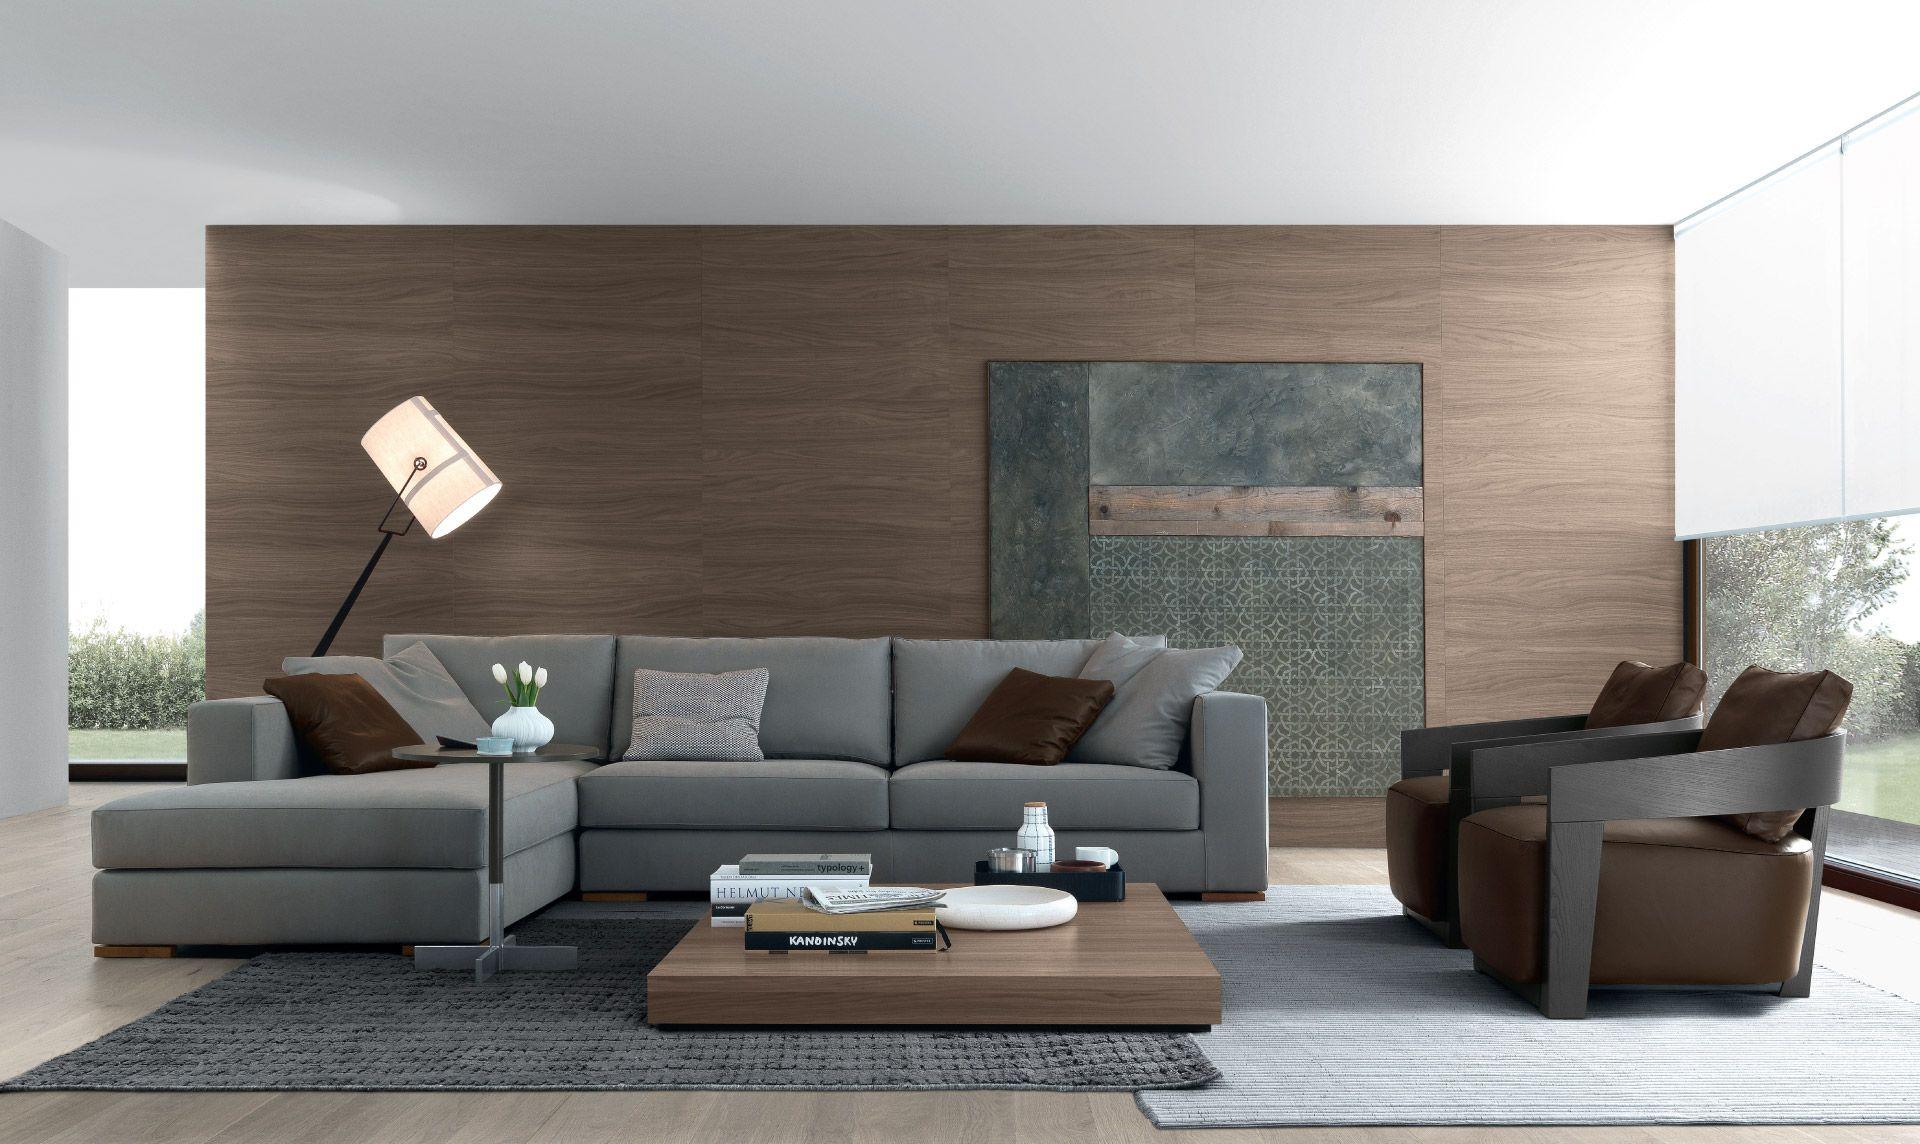 jesse - mobili arredamento design - sofas - arthur | sudinrao ... - Arredamento Design Living